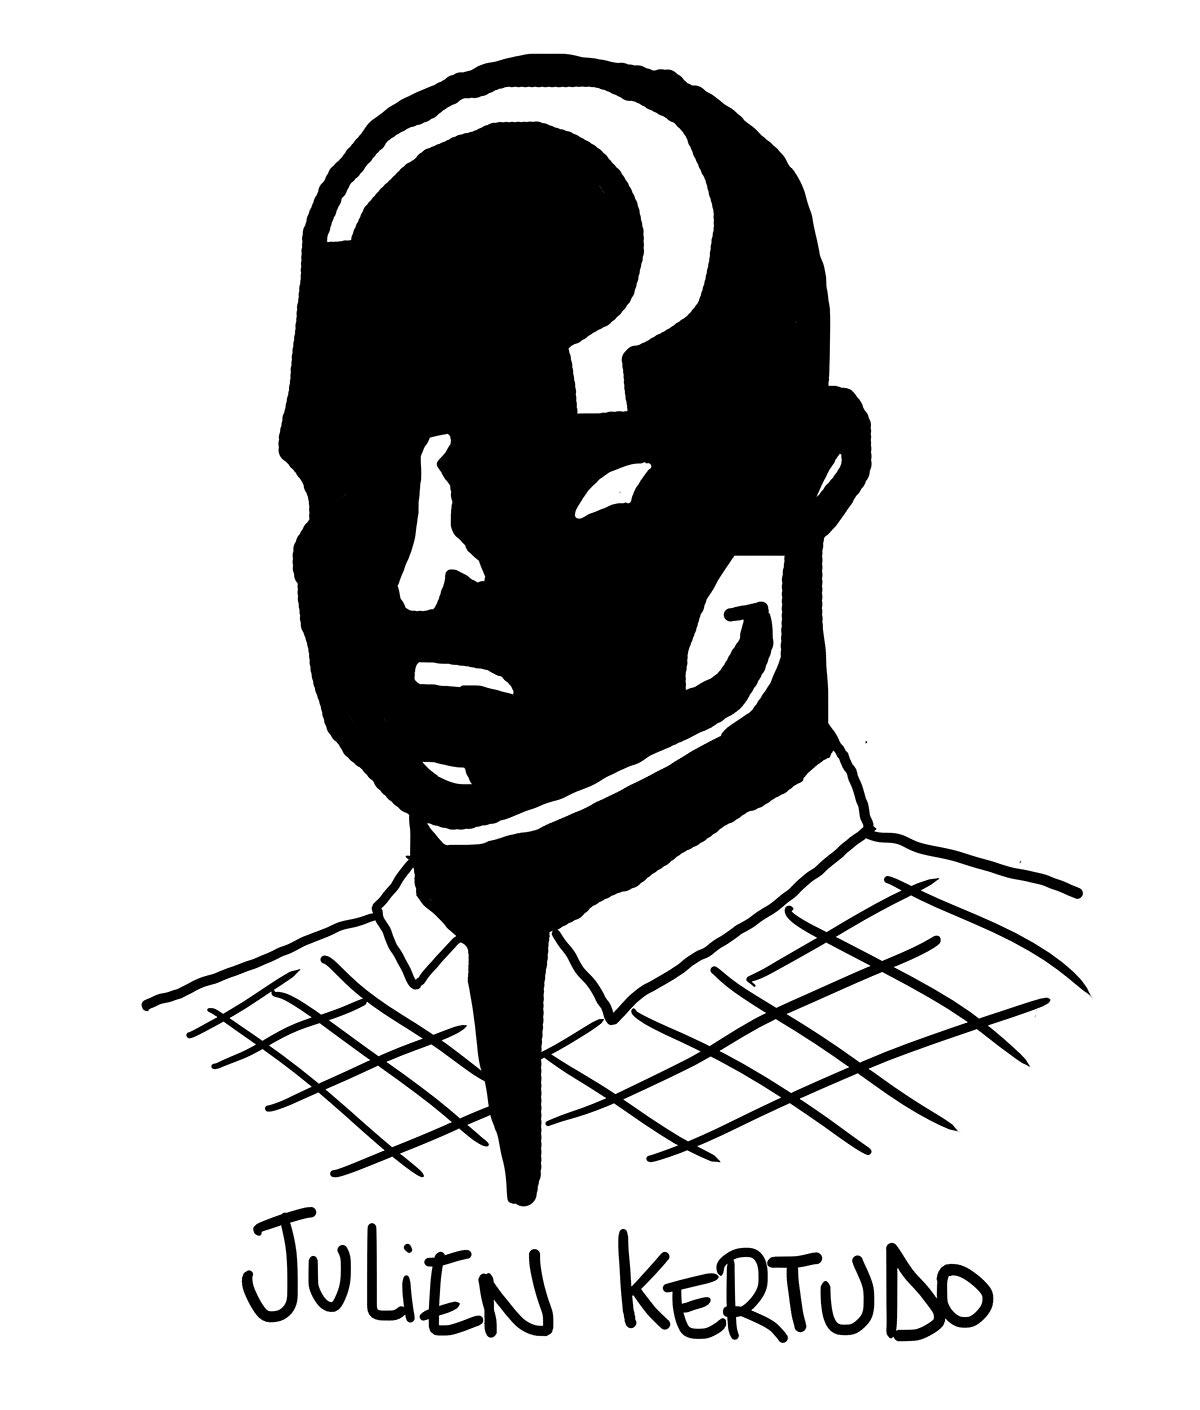 JULIEN-KERTUDO